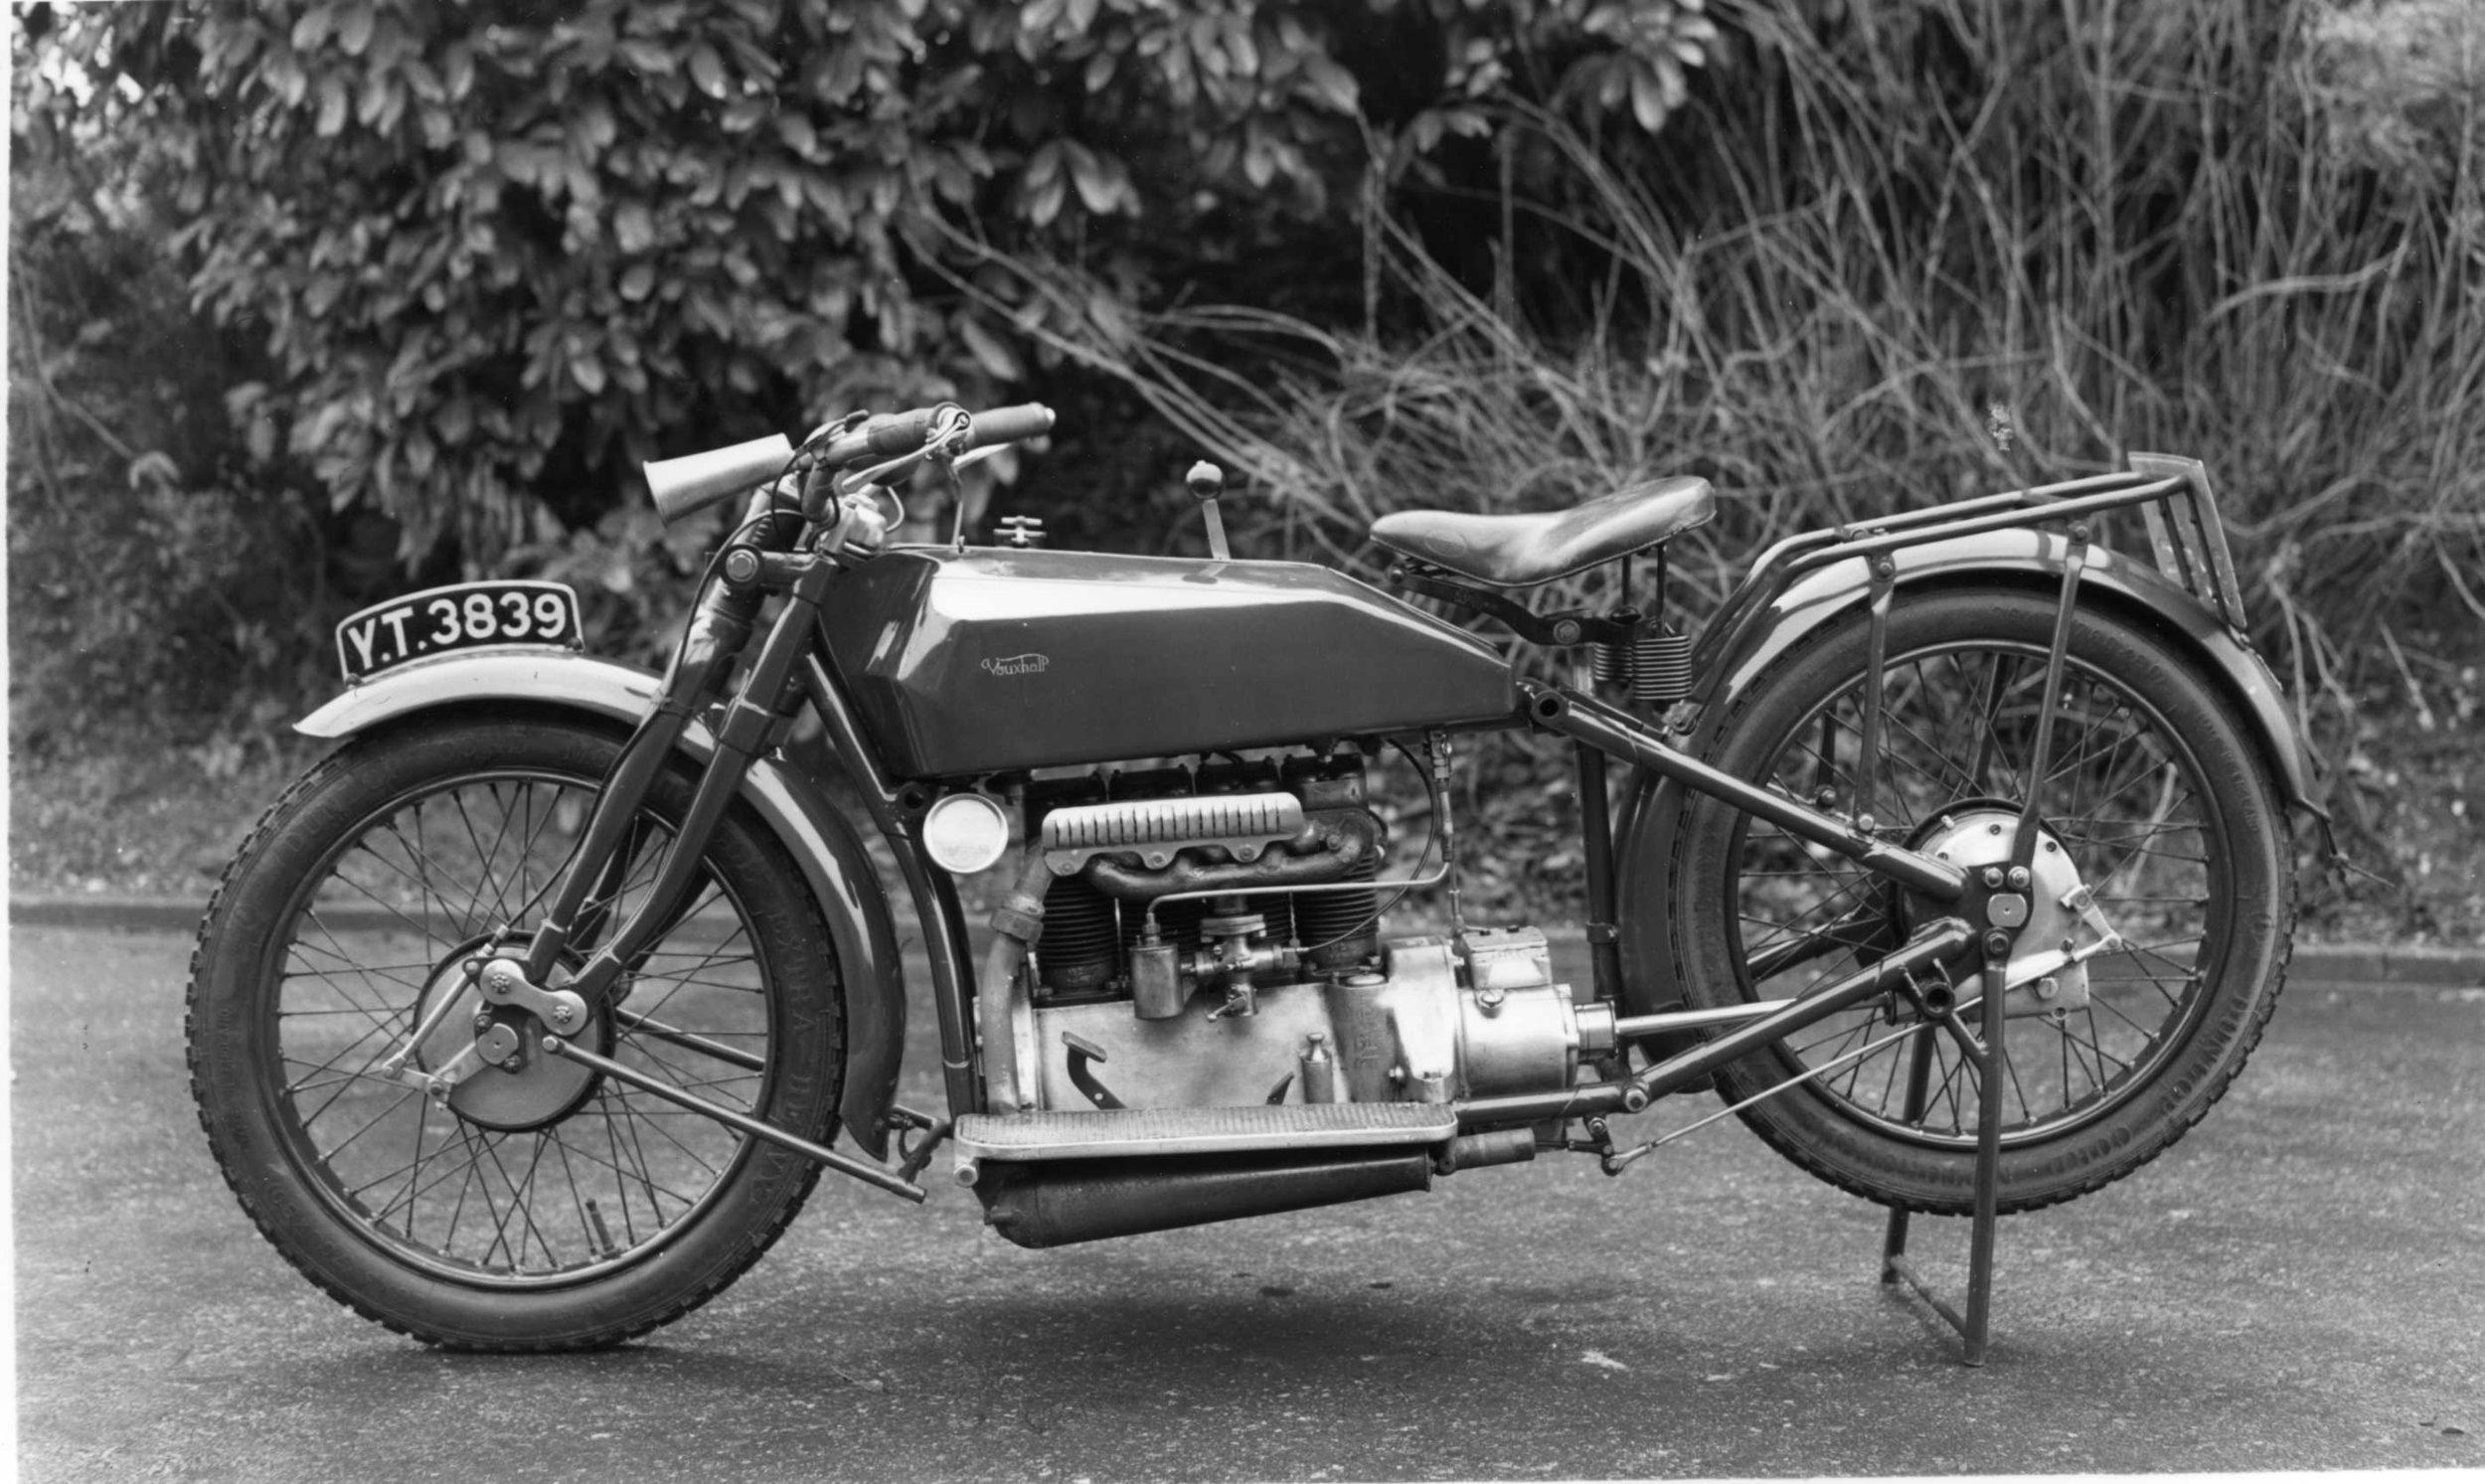 002 079 1923 motorcycle420 (1).jpg